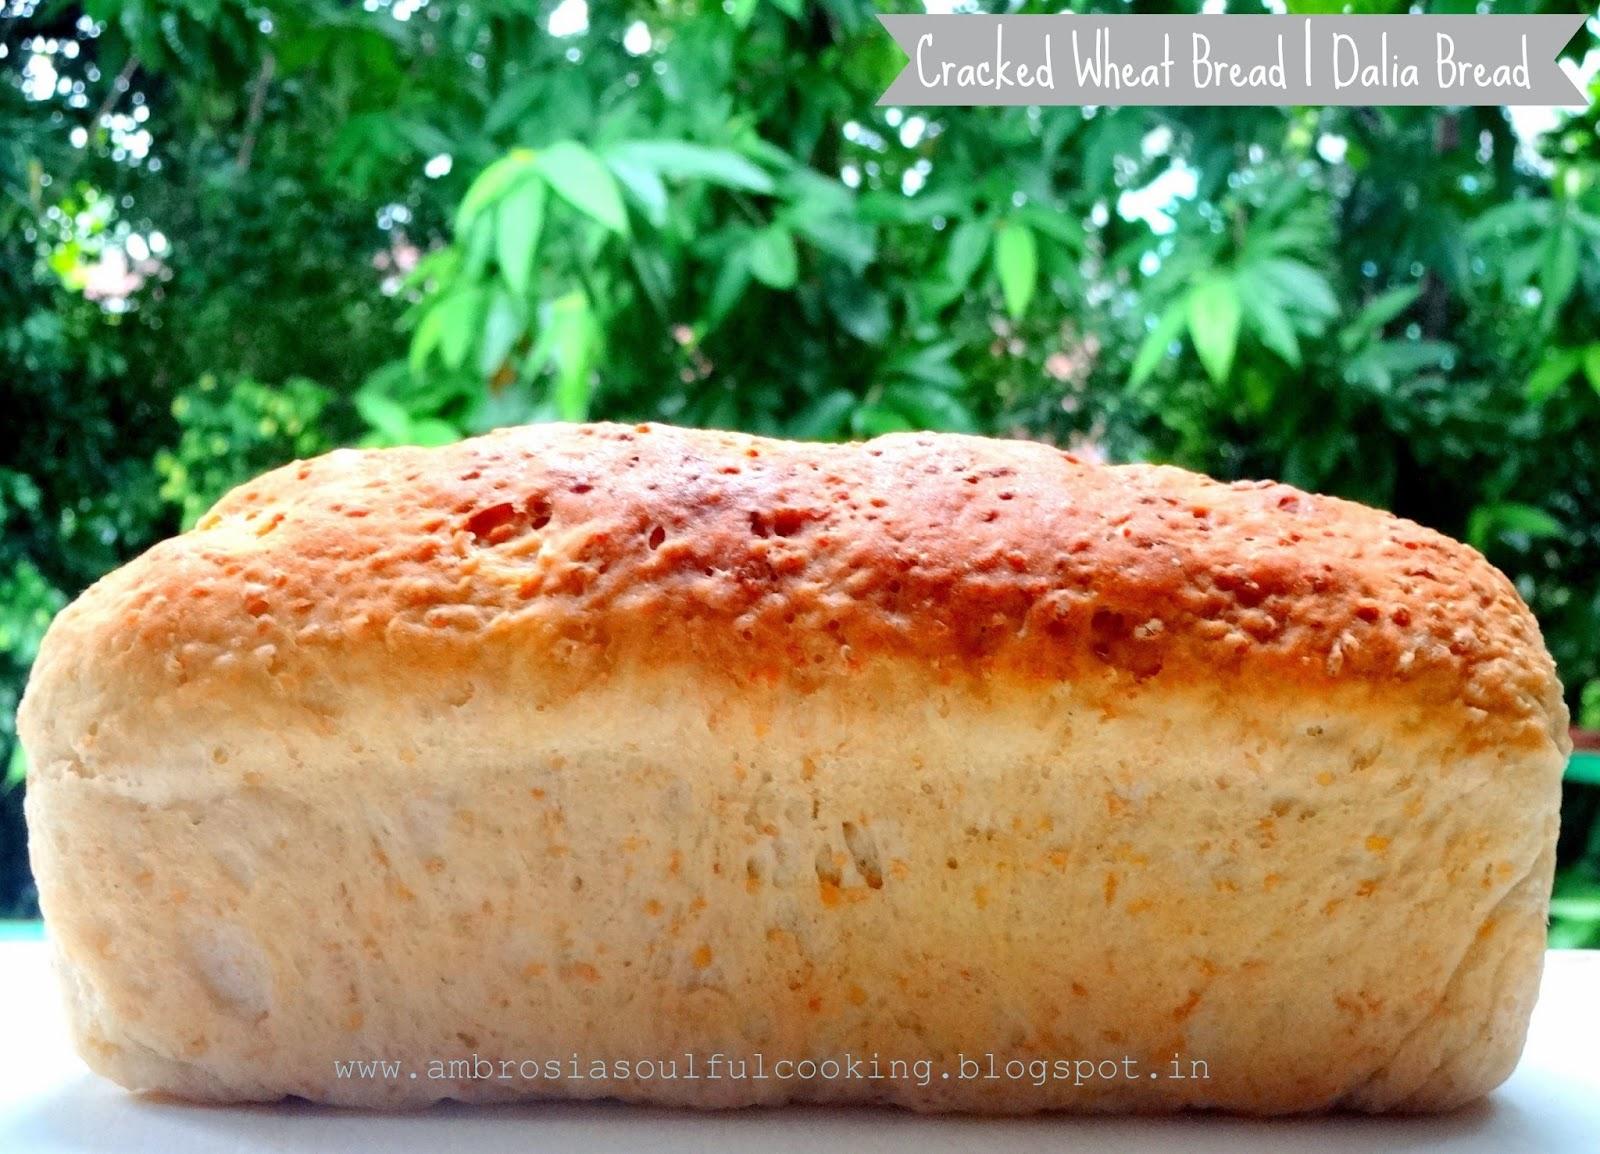 cracked wheat bread   dalia bread